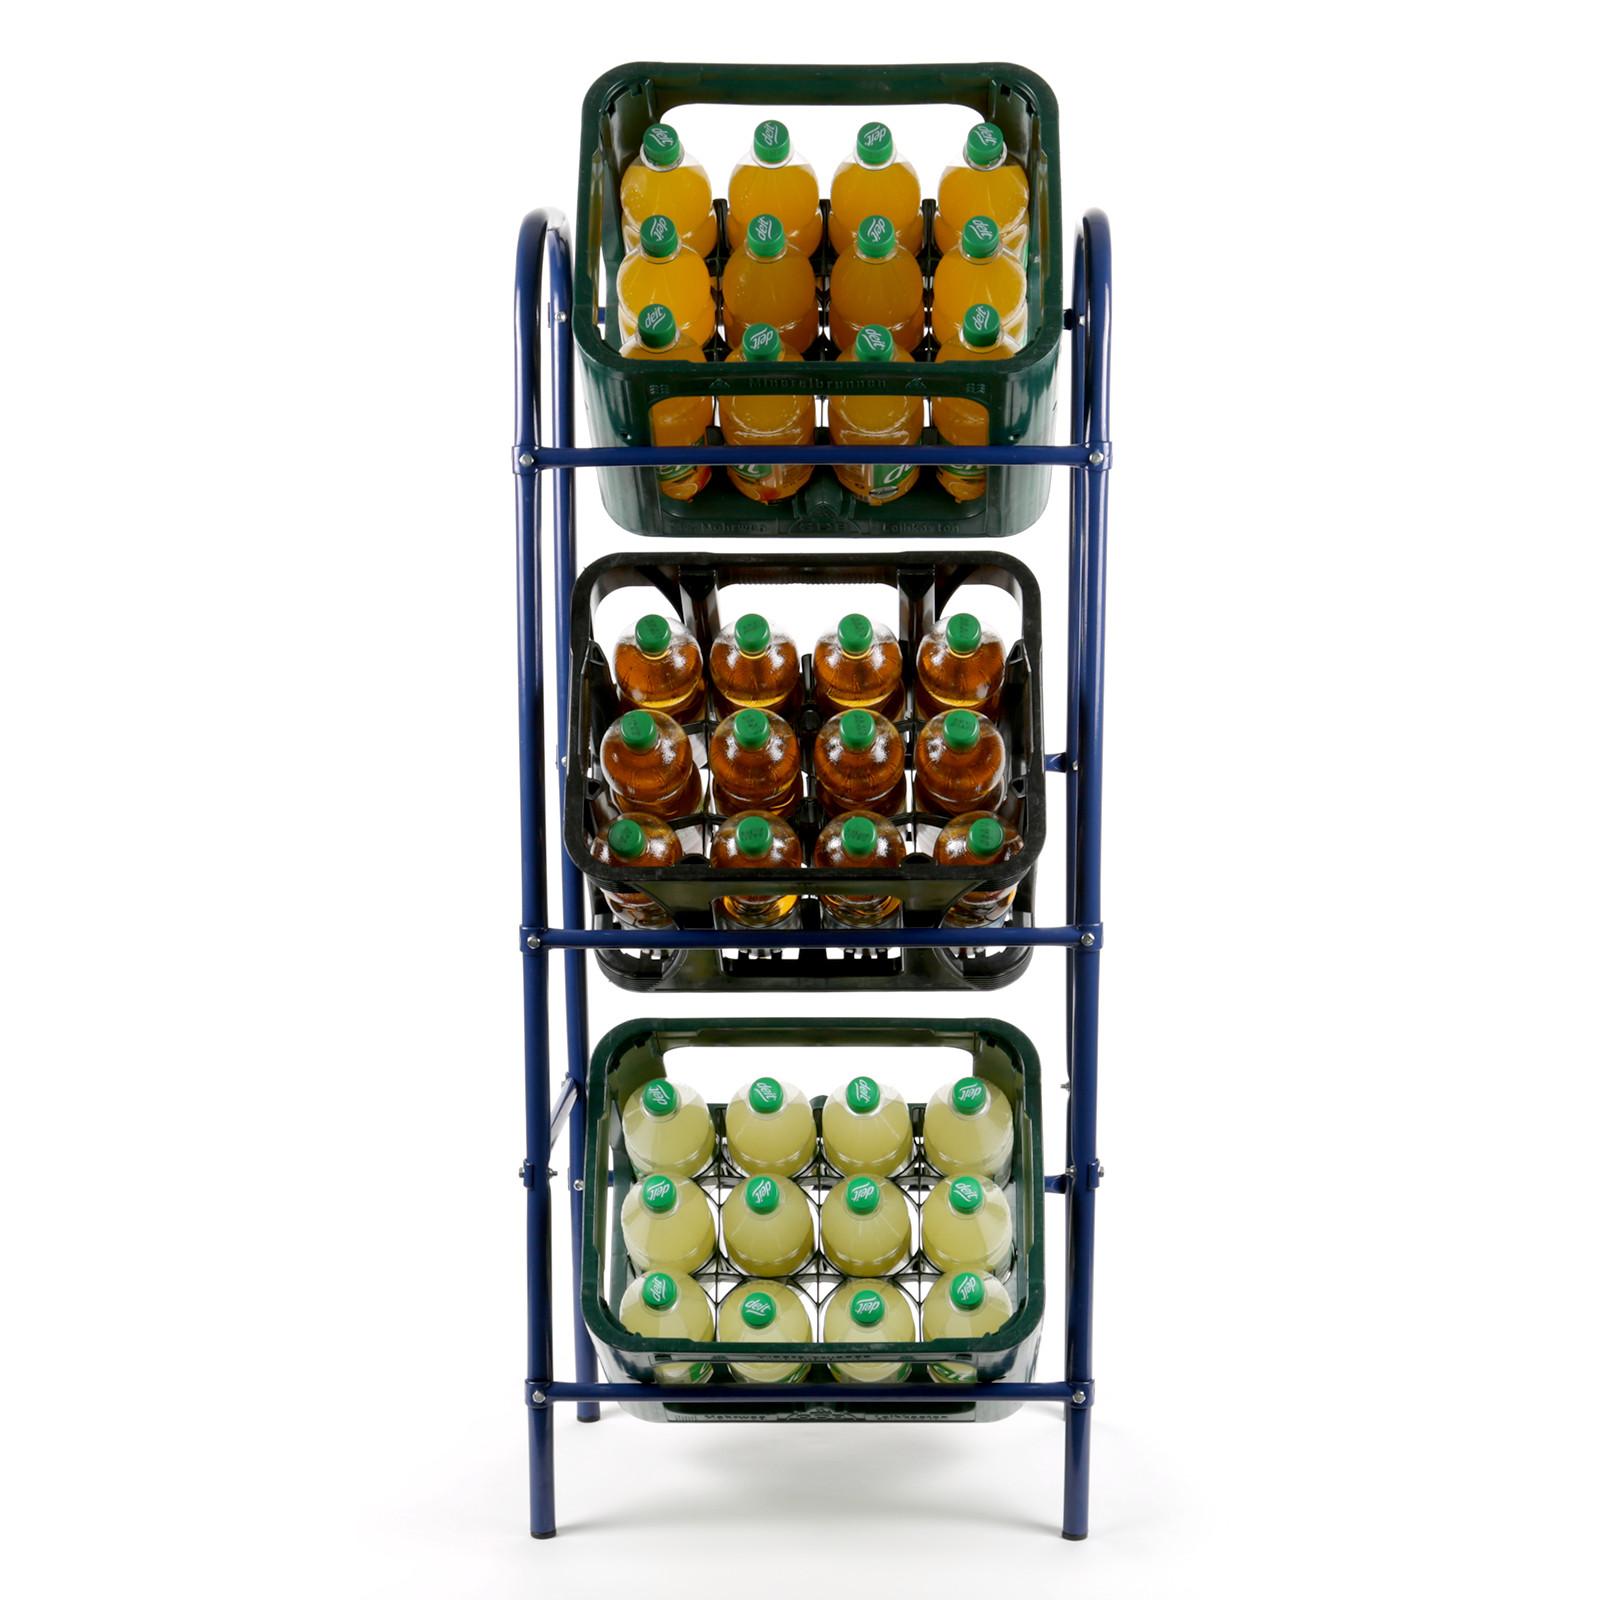 Flaschenkastenregal für 3 Kasten Getränkeständer Kastenregal ...